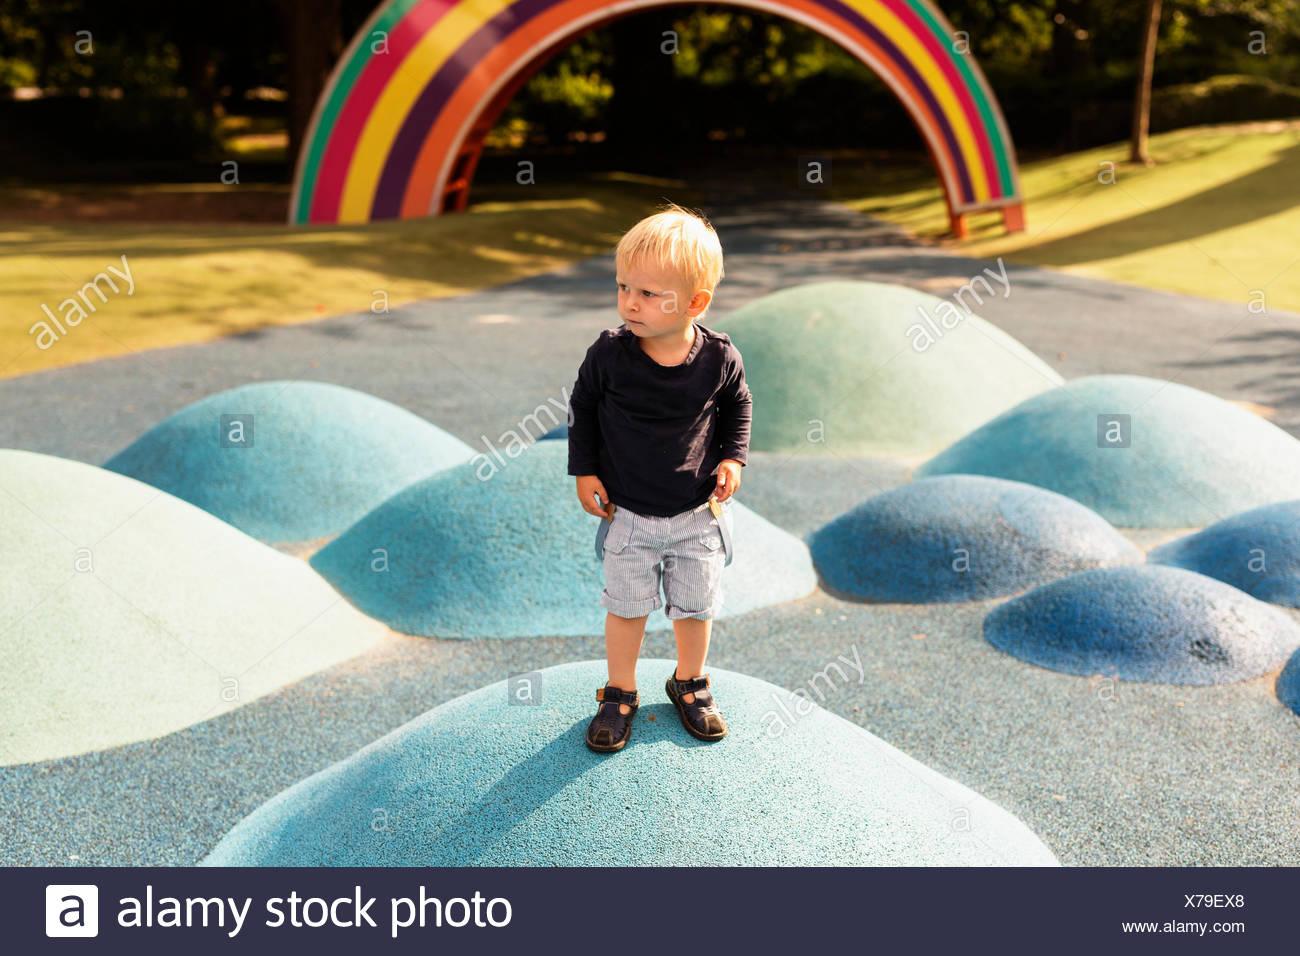 Per tutta la lunghezza del ragazzo in piedi sulla collina artificiale nel parco giochi Immagini Stock